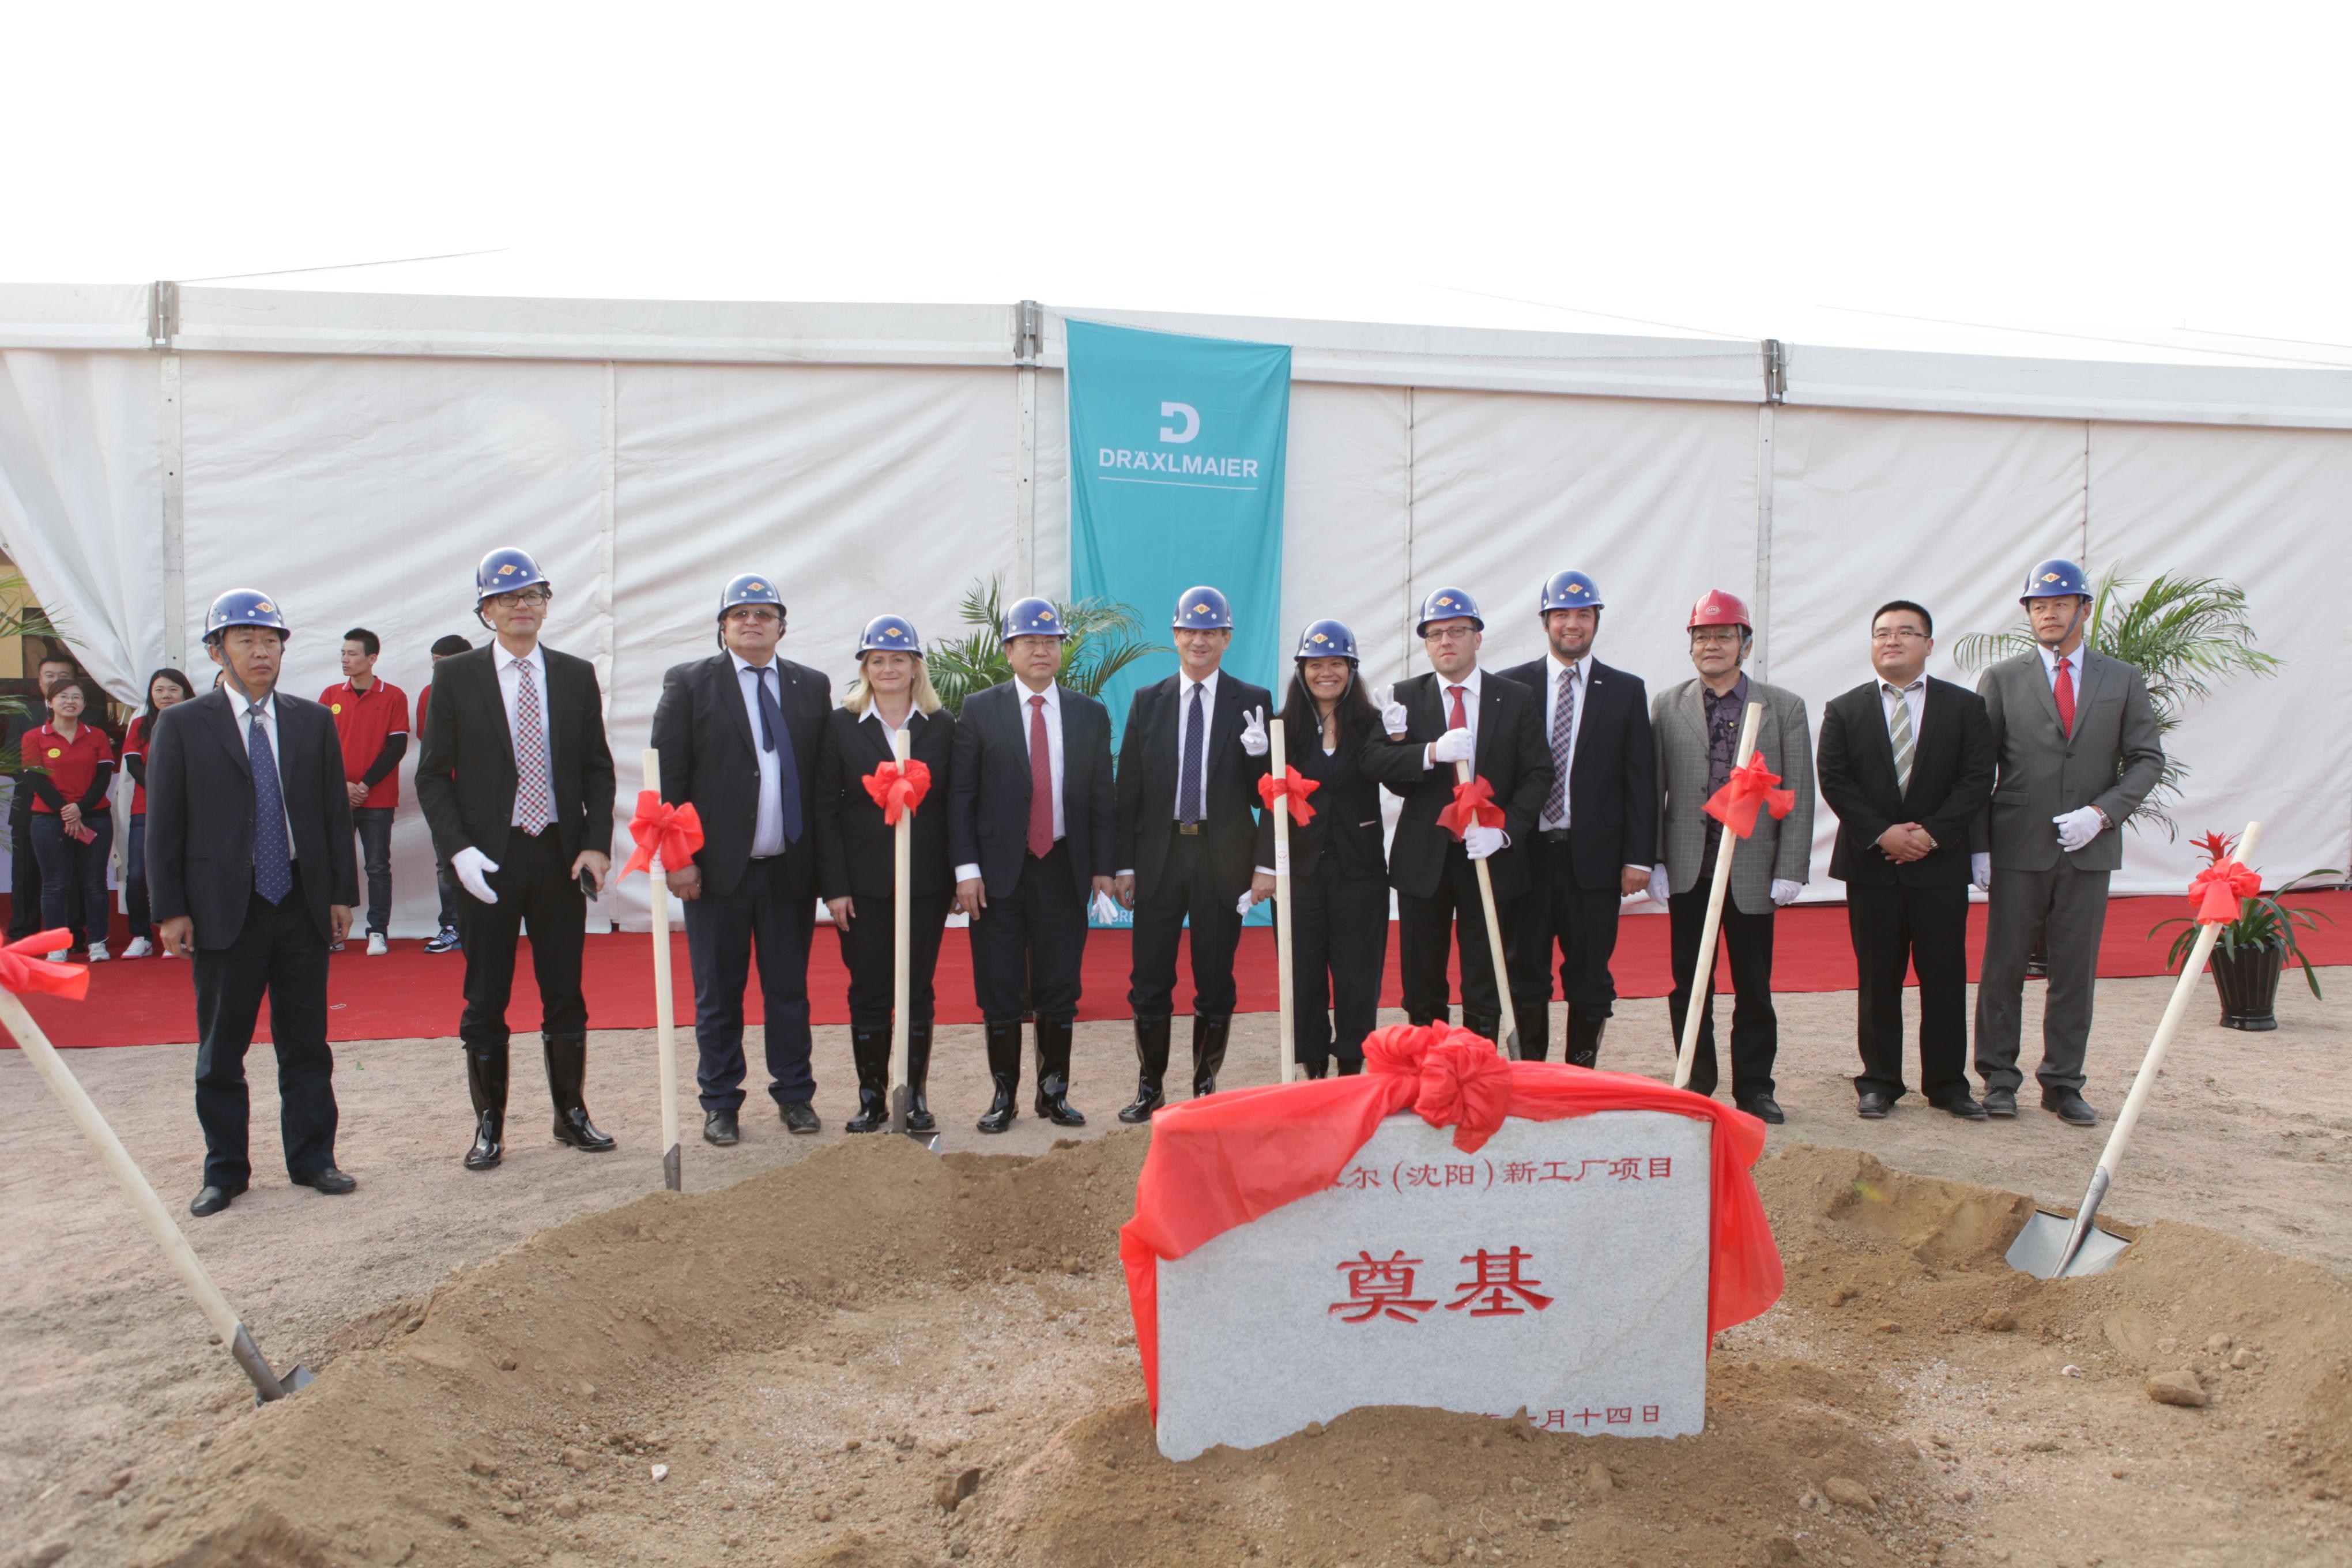 Grundsteinlegung Dräxlmaier in Shenyang